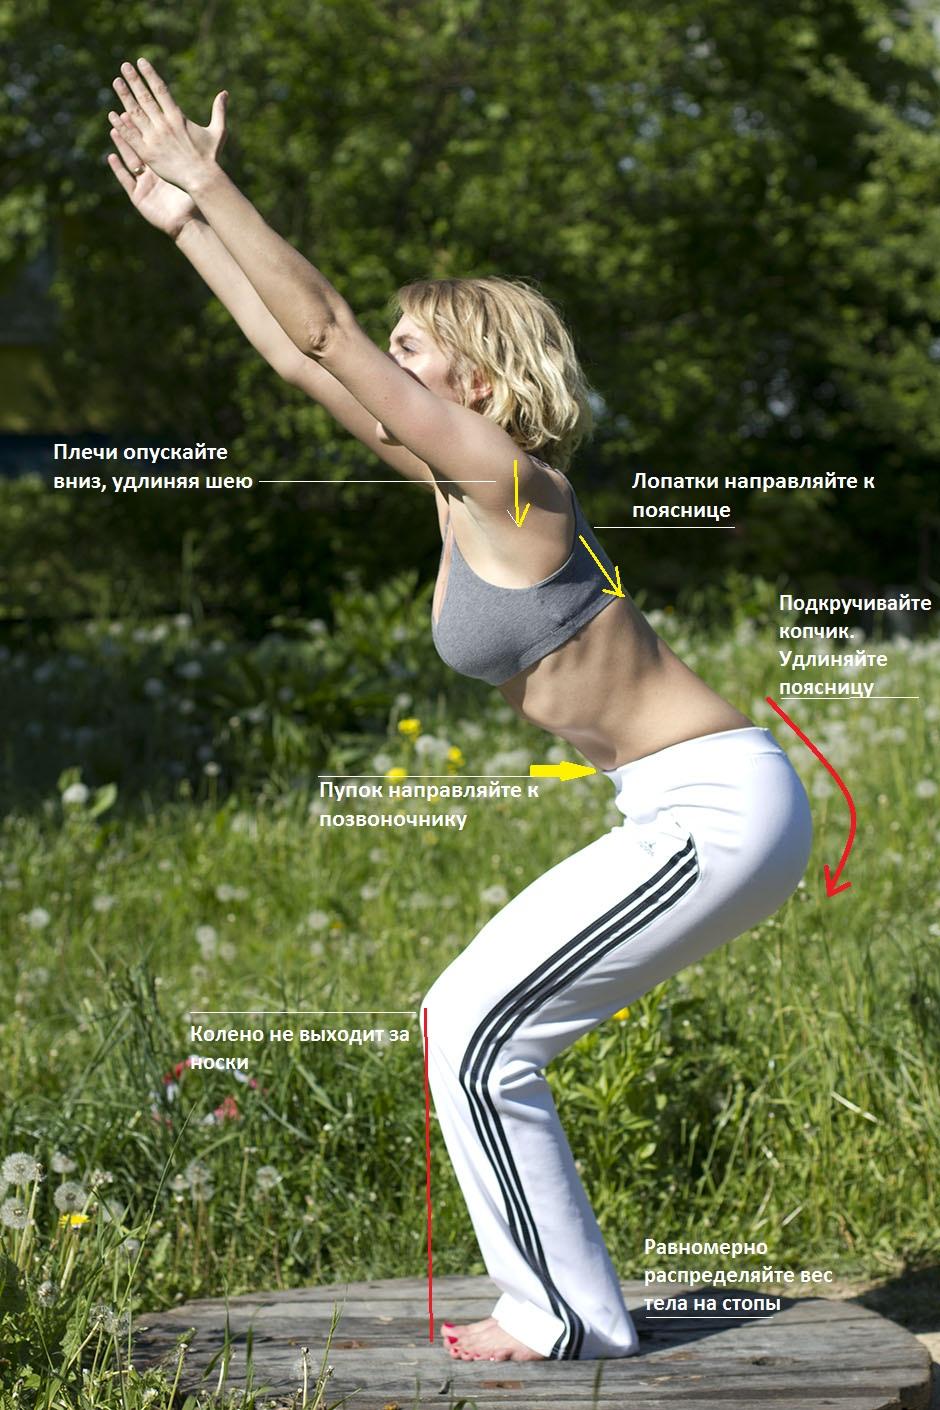 Требования к положению частей тела при выполнении уткатасаны